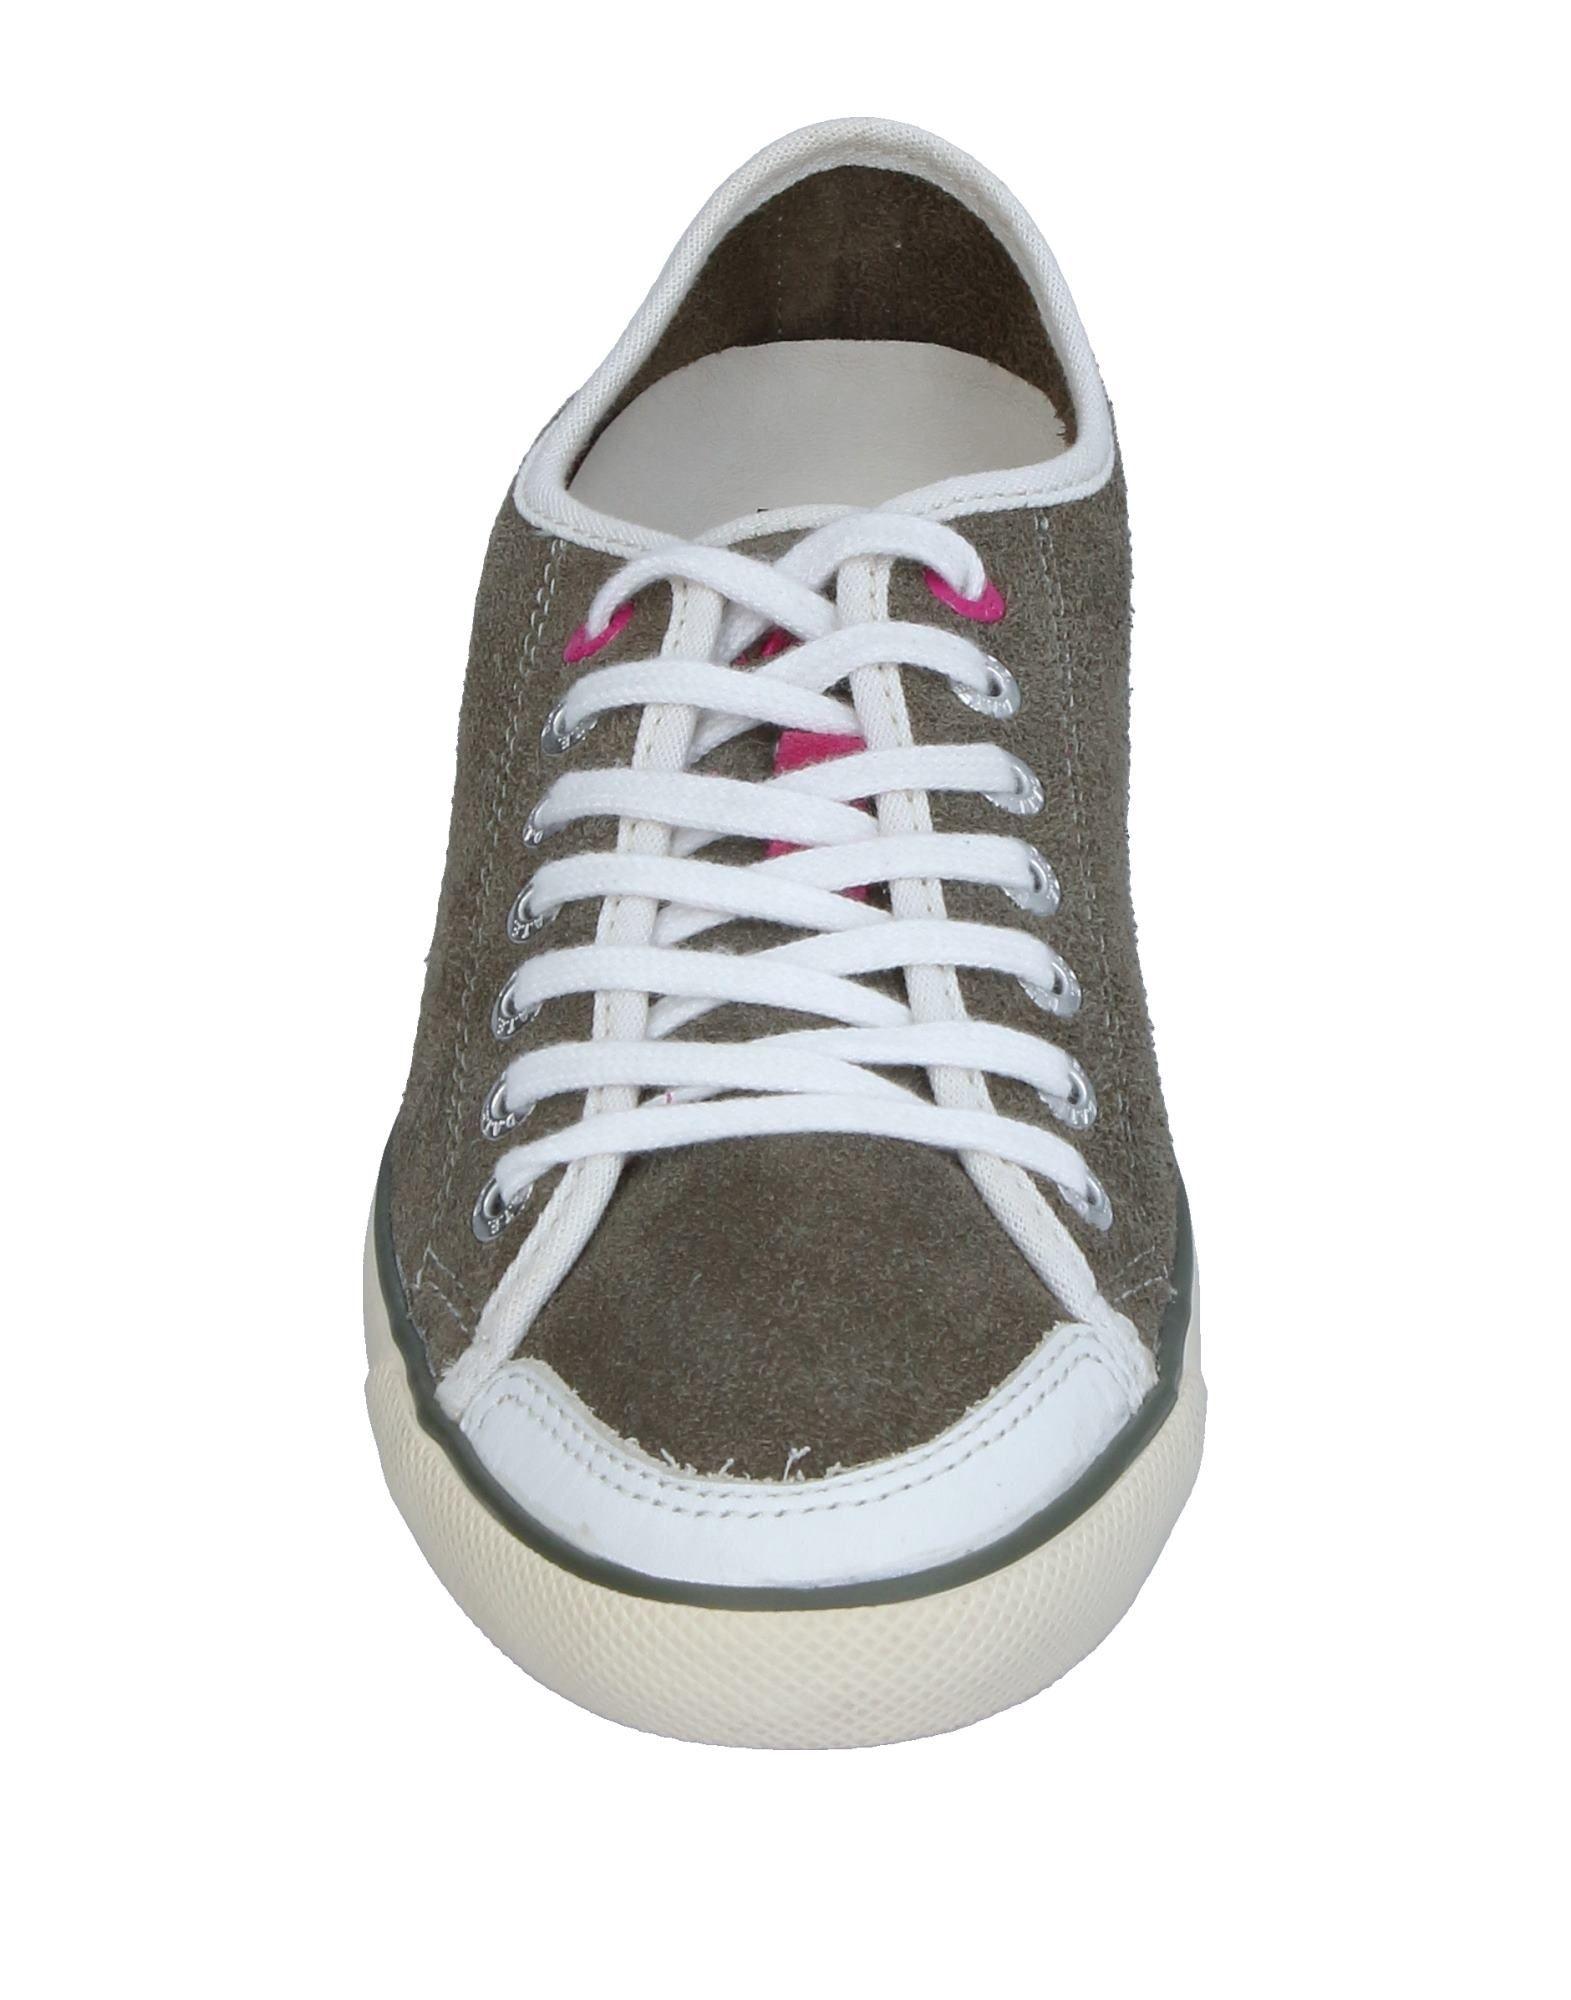 D.A.T.E. Sneakers Qualität Damen  11361576CN Gute Qualität Sneakers beliebte Schuhe 6cc9dd